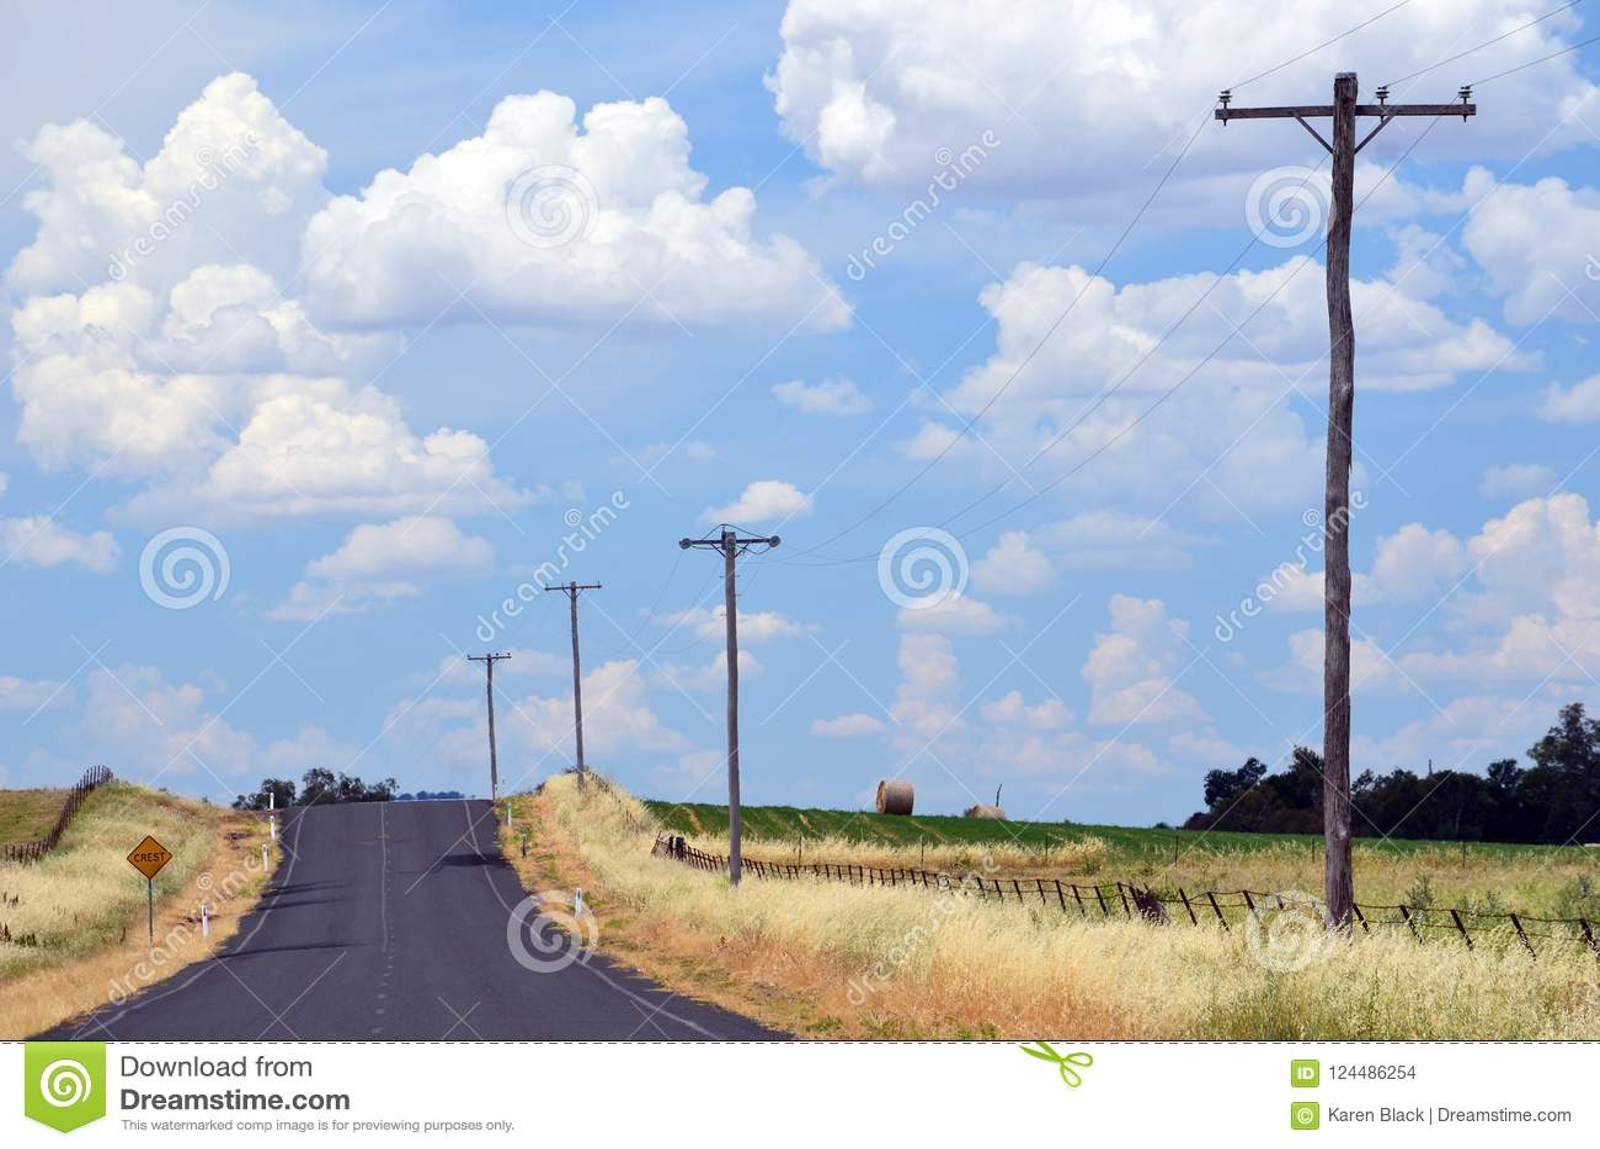 Neblina del calor del verano en una carretera nacional a través de tierras de labrantío